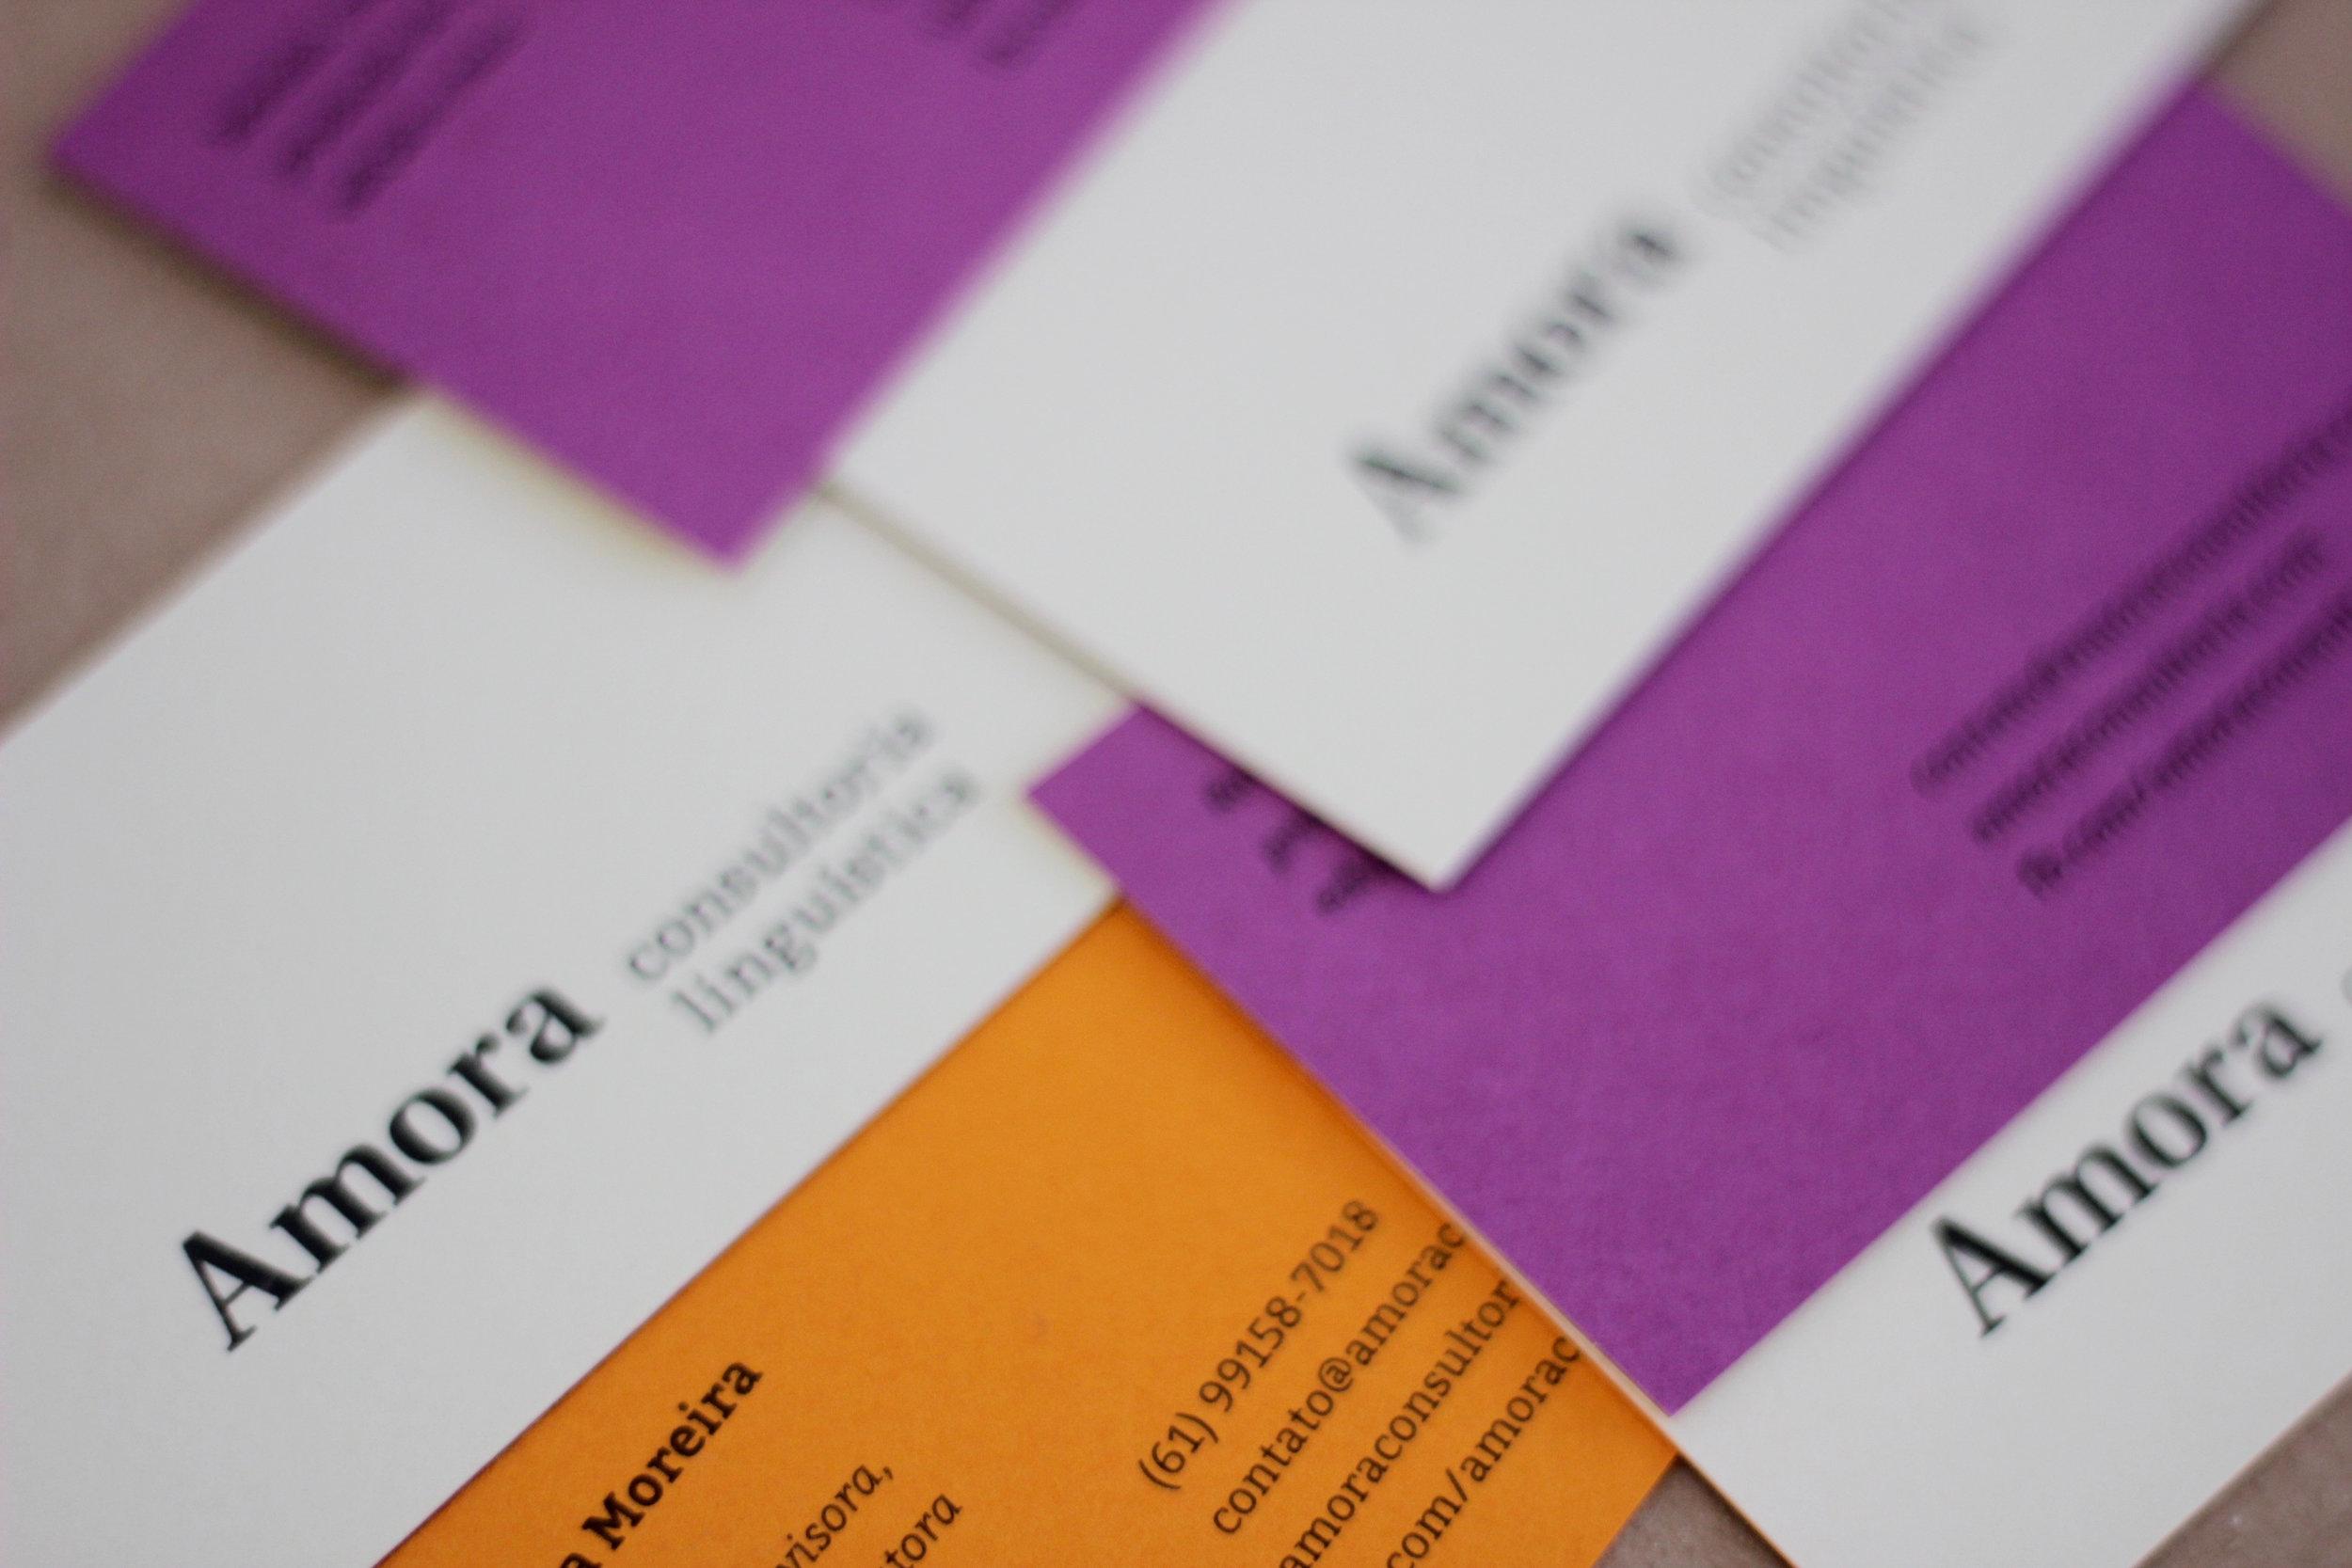 cartão de visitas: amora consultoria linguística